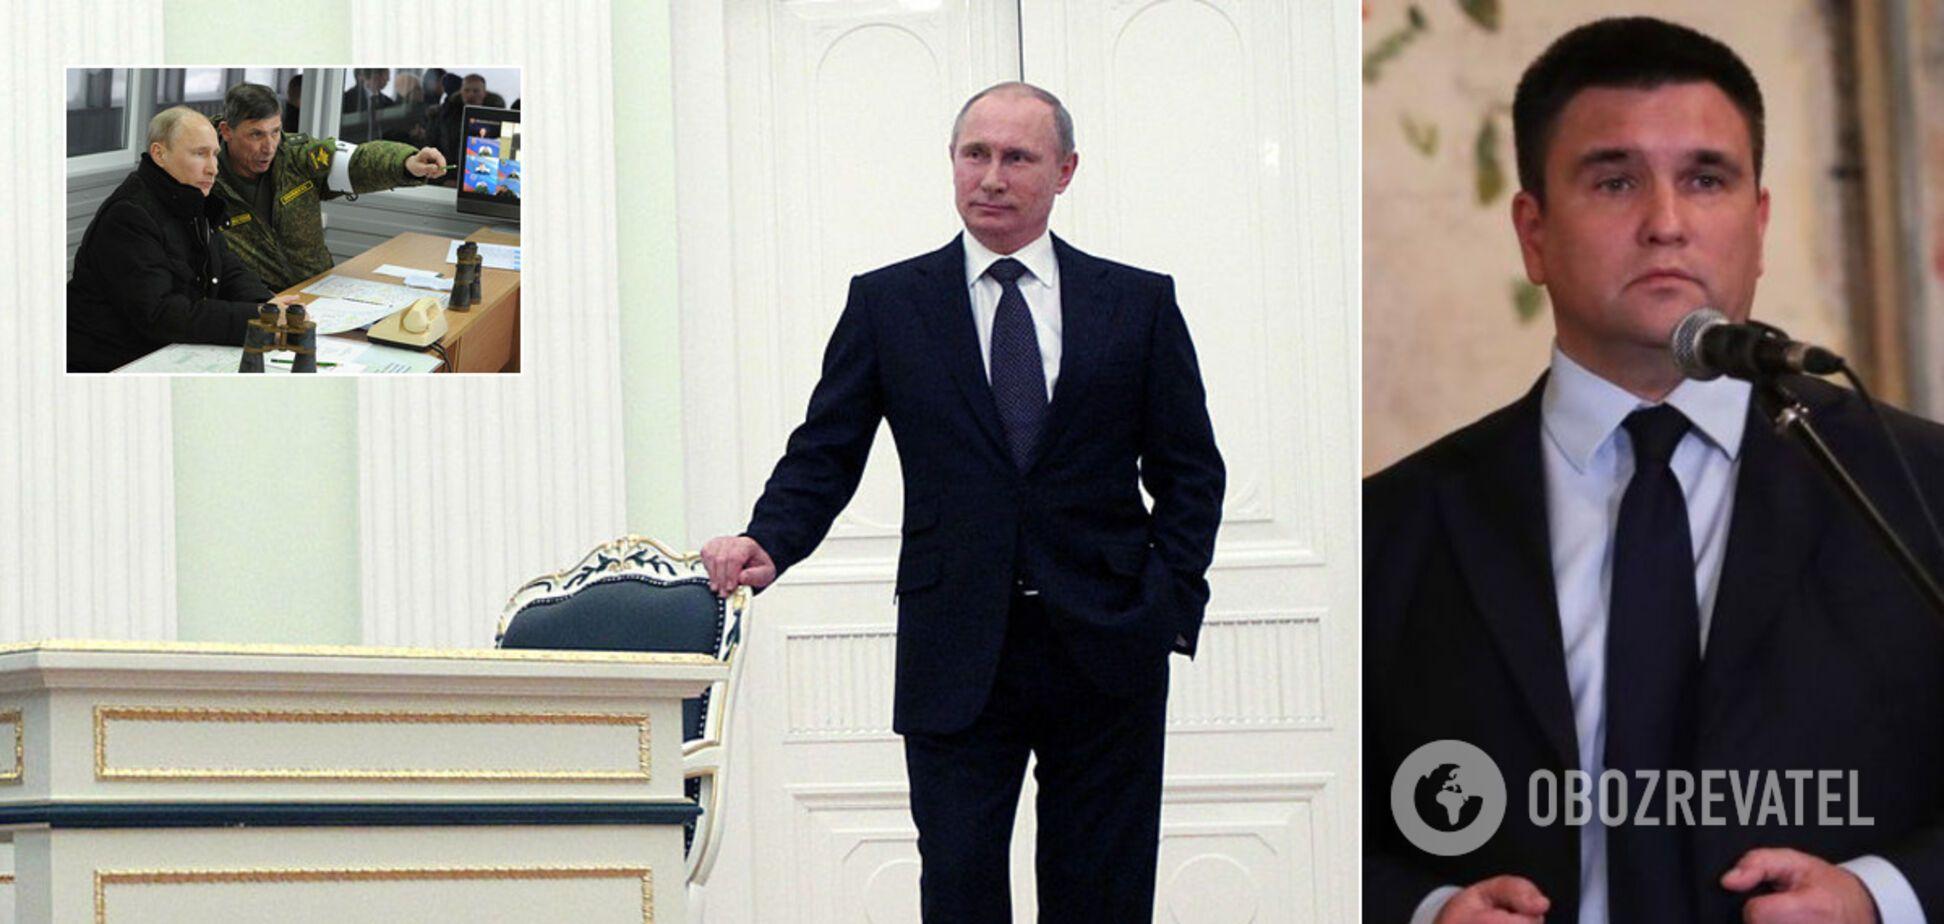 Климкин: Украина вступает в очень опасный период, Путин 'перезагружается' в президента другой страны